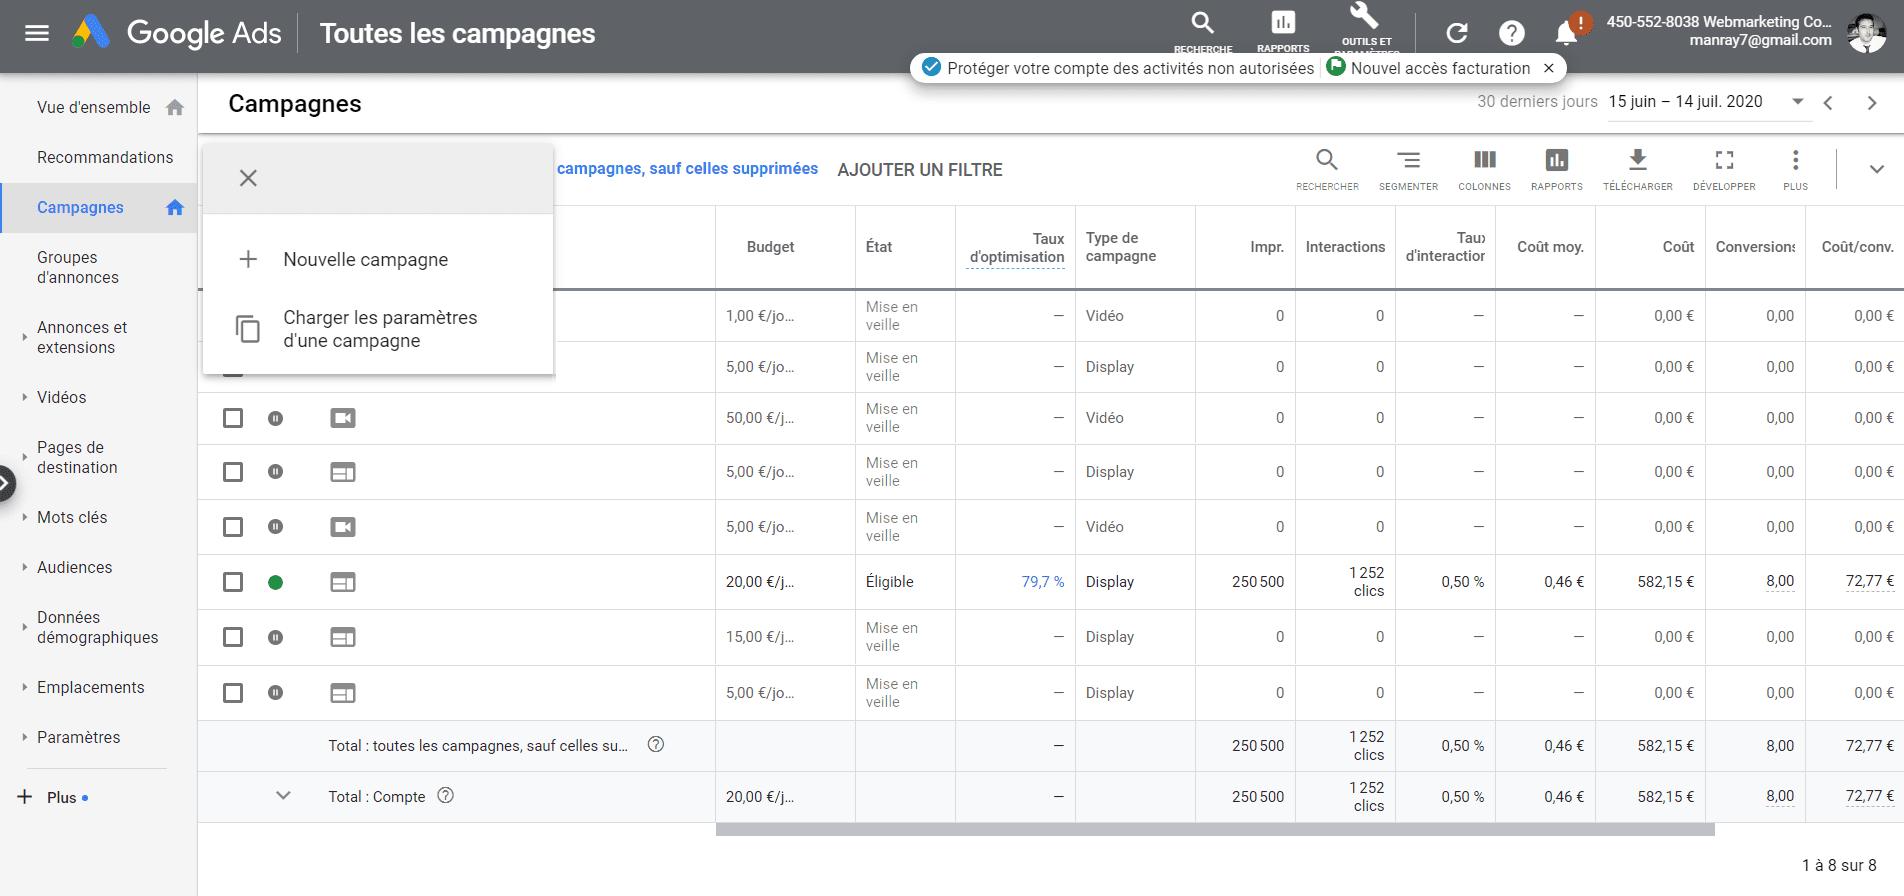 gestionnaire publicité google